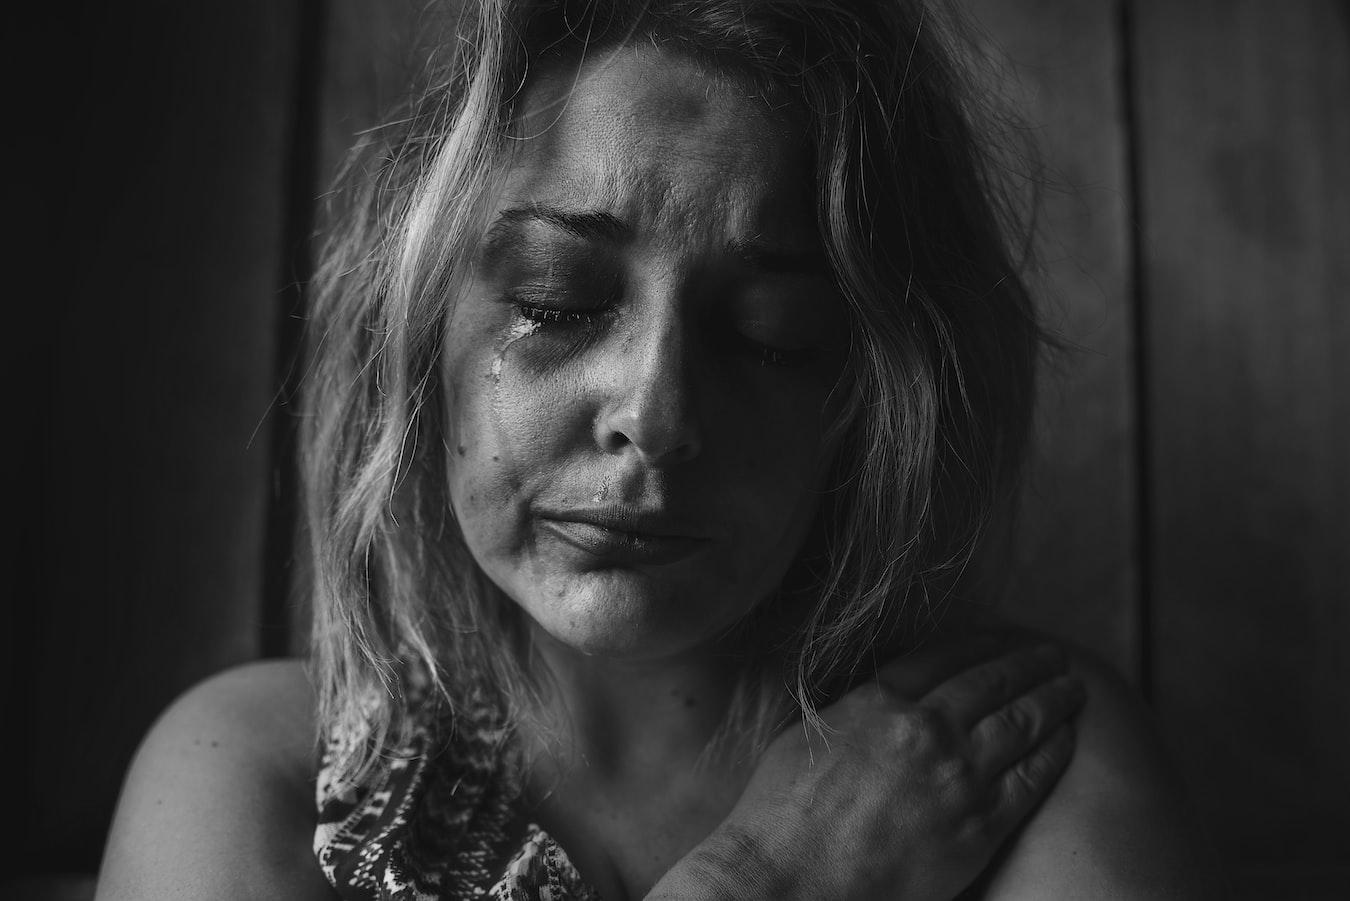 Medidas para la depresión severa en situaciones de emergencia